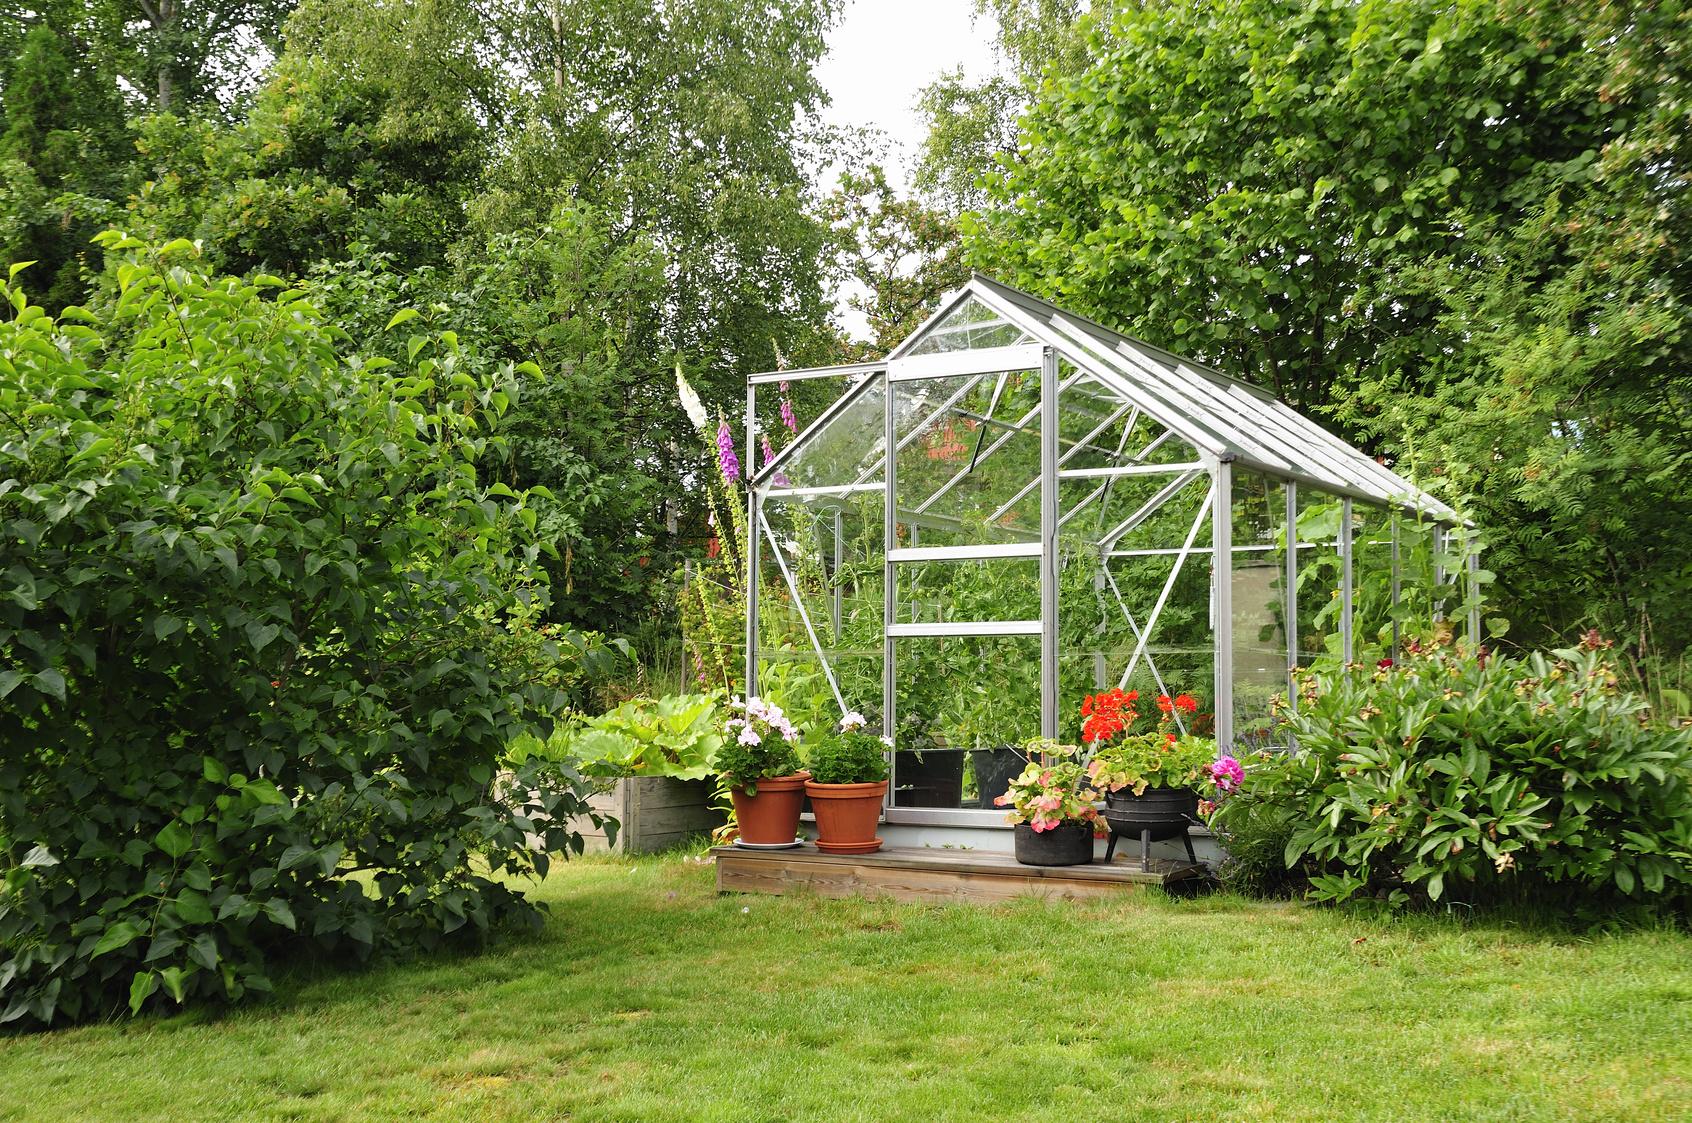 Greenhouse_67648483_M.jpg